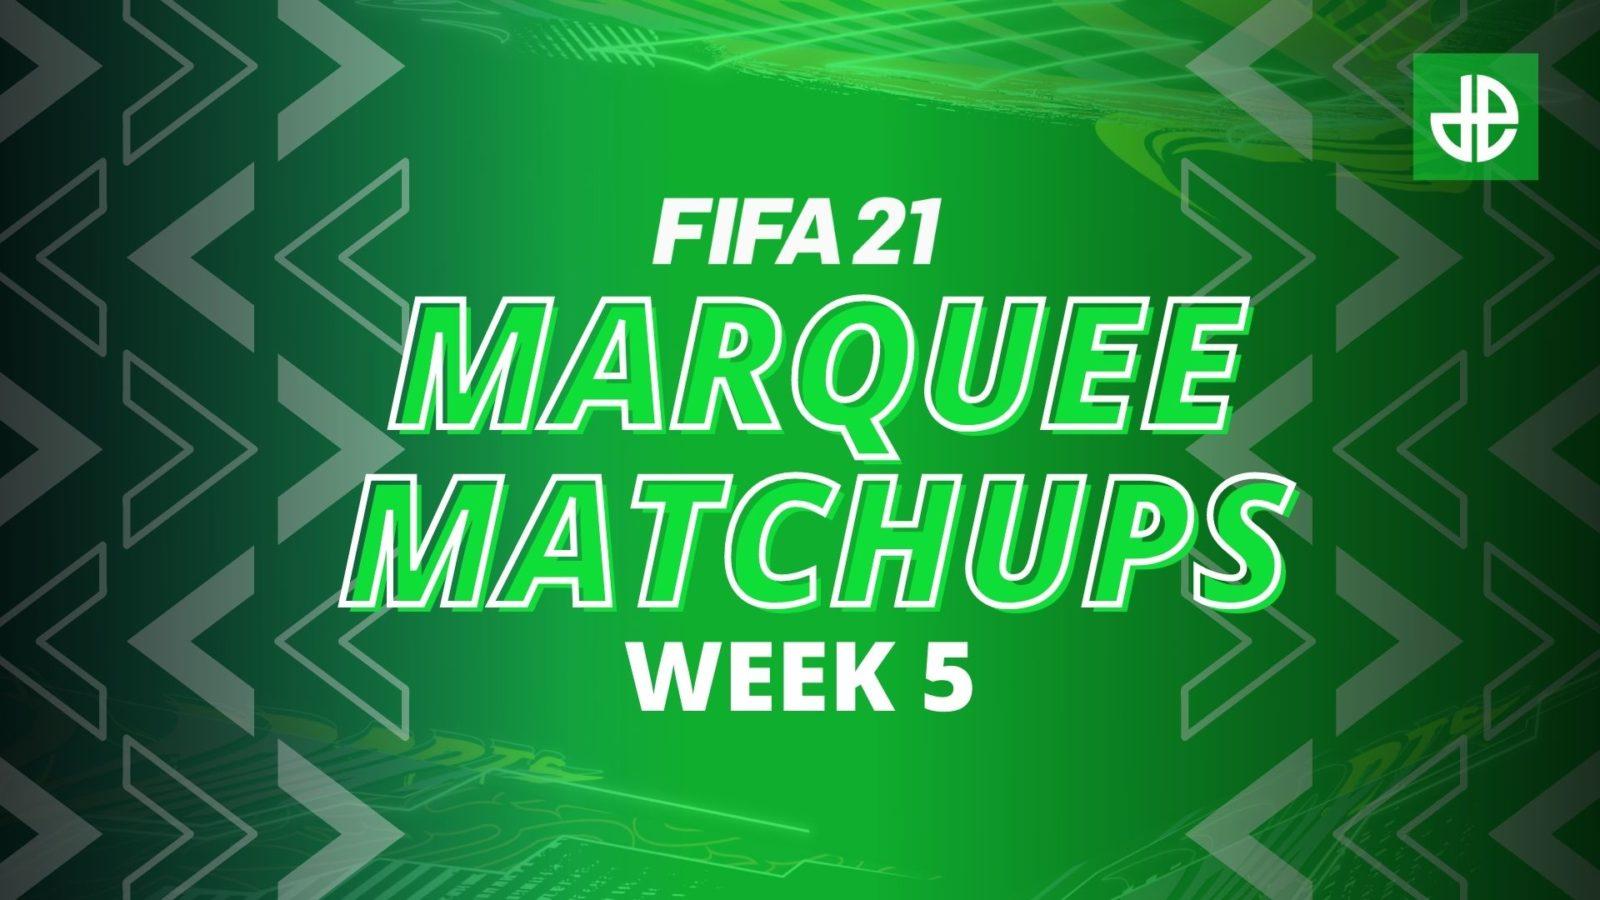 FIFA 21 Marquee Matchups Week 5